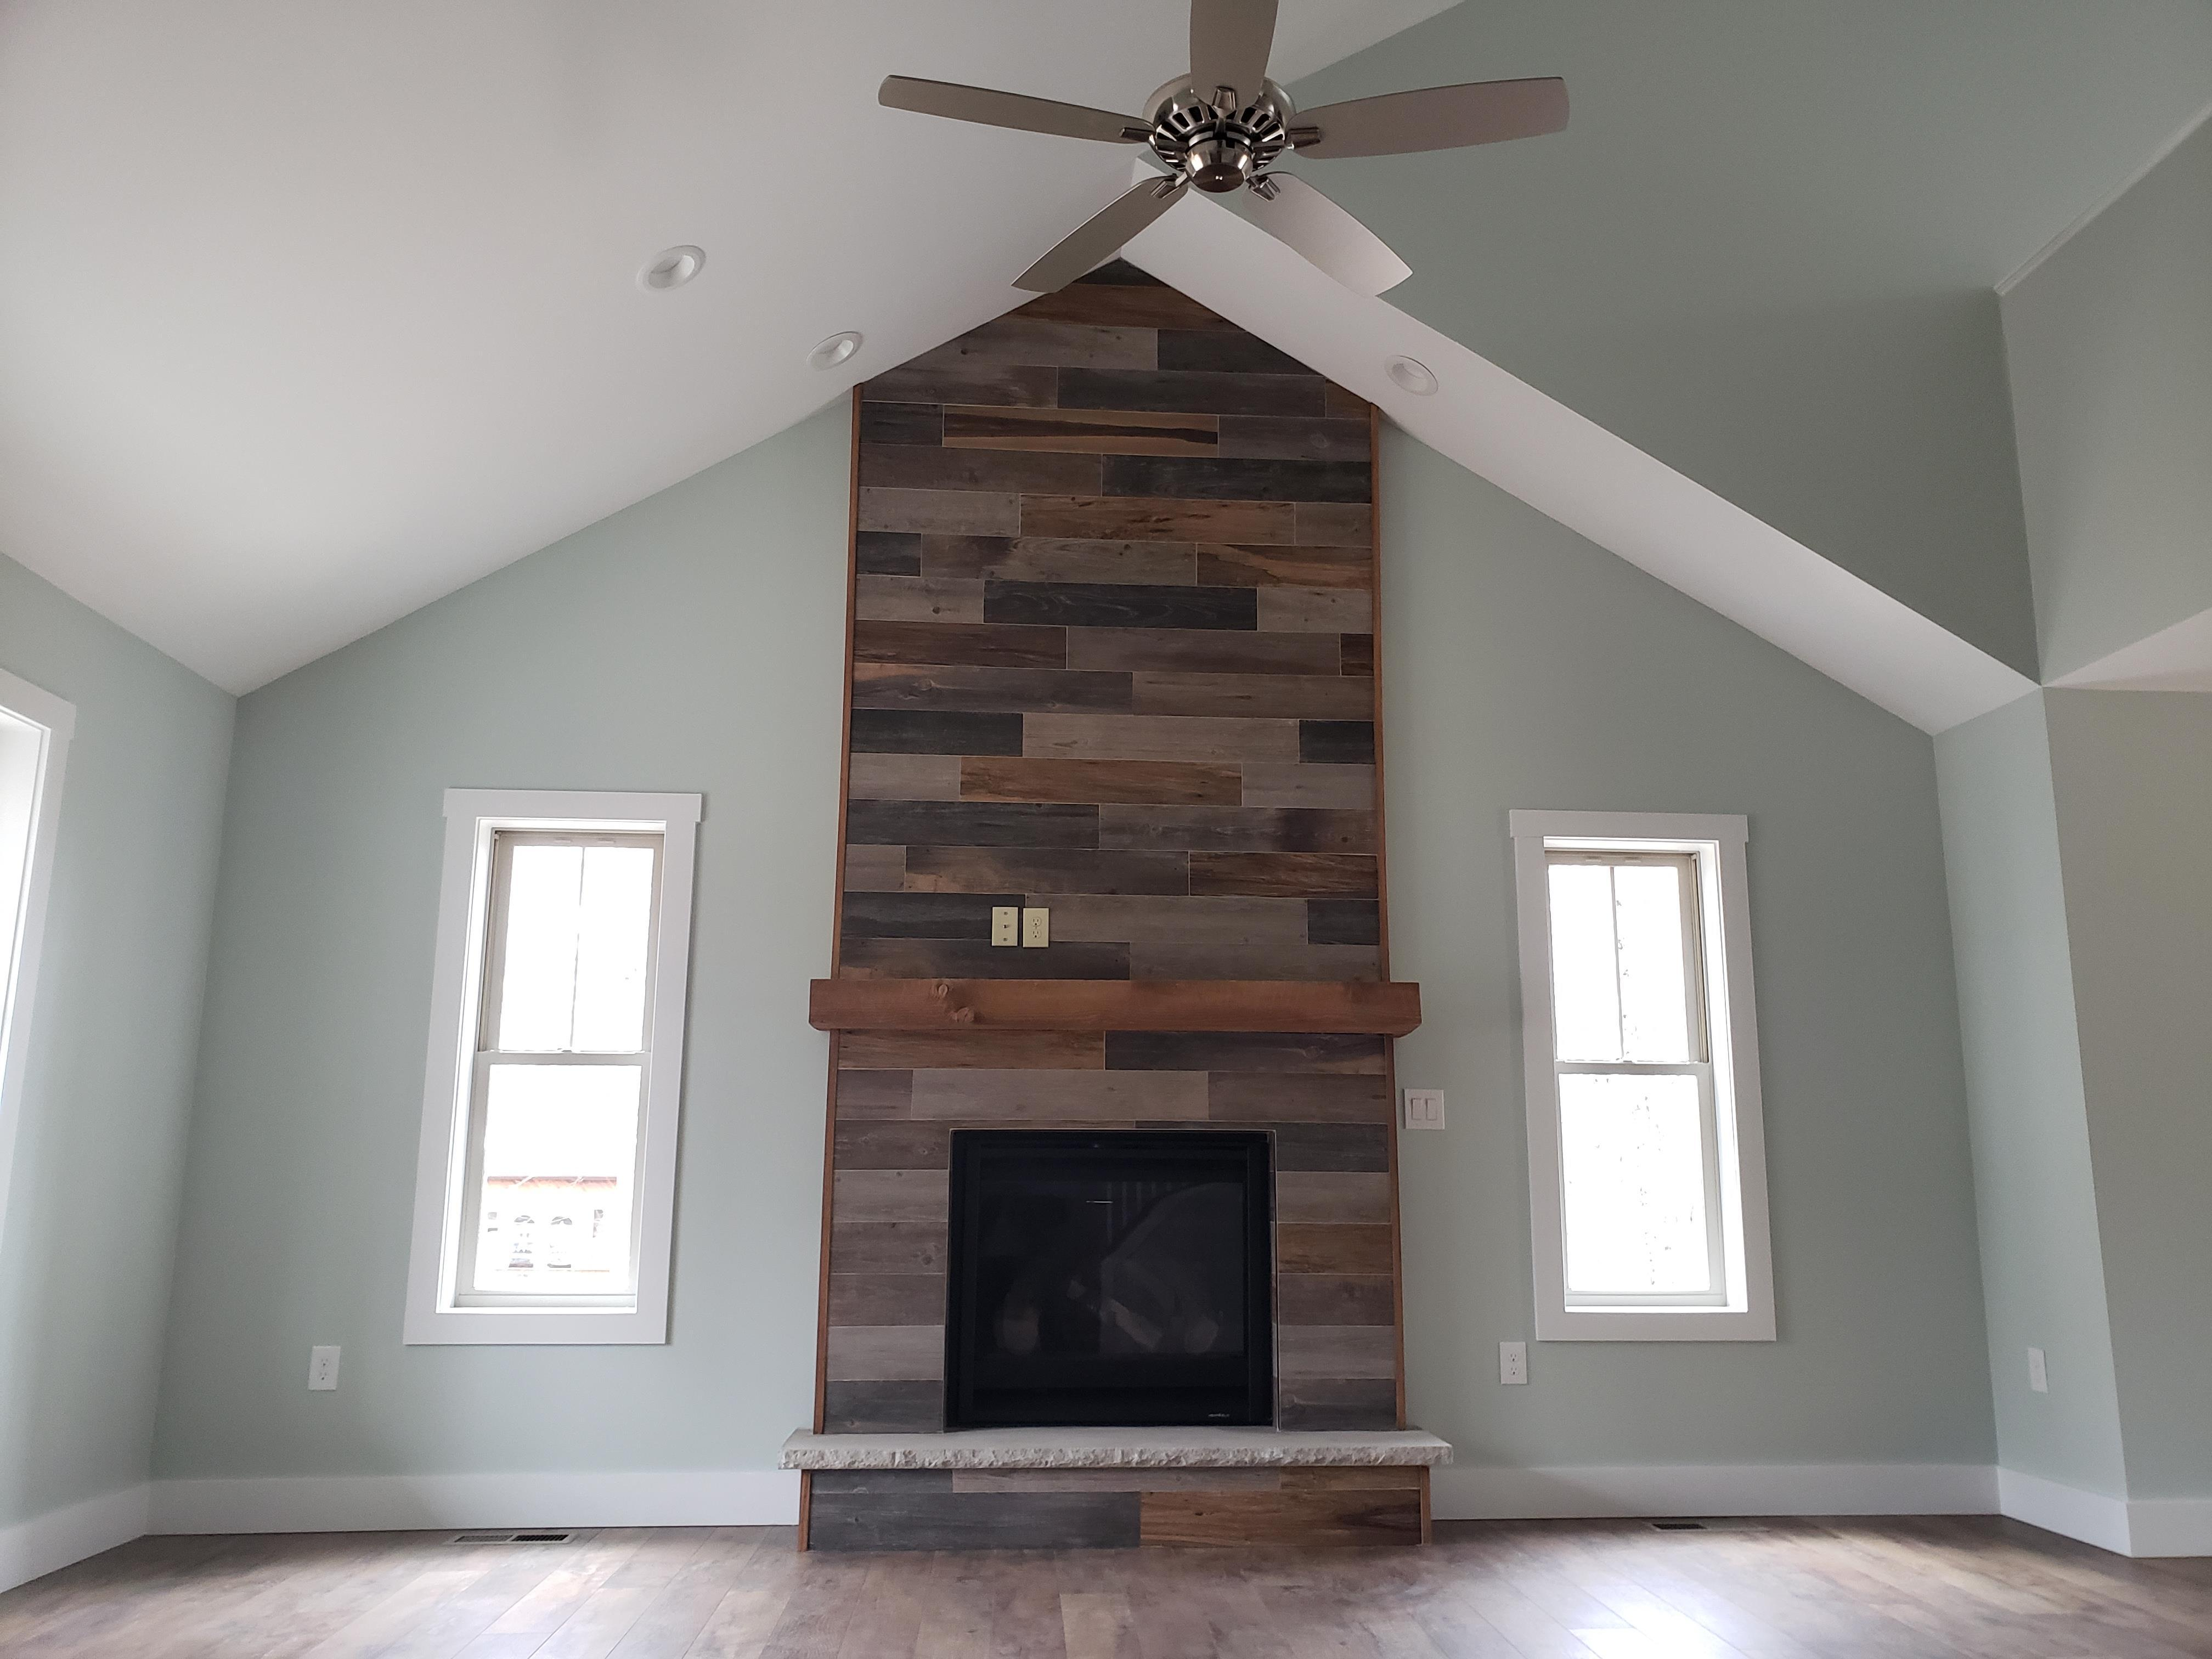 'Timbercrest Builders' by Timbercrest Builders in Poconos